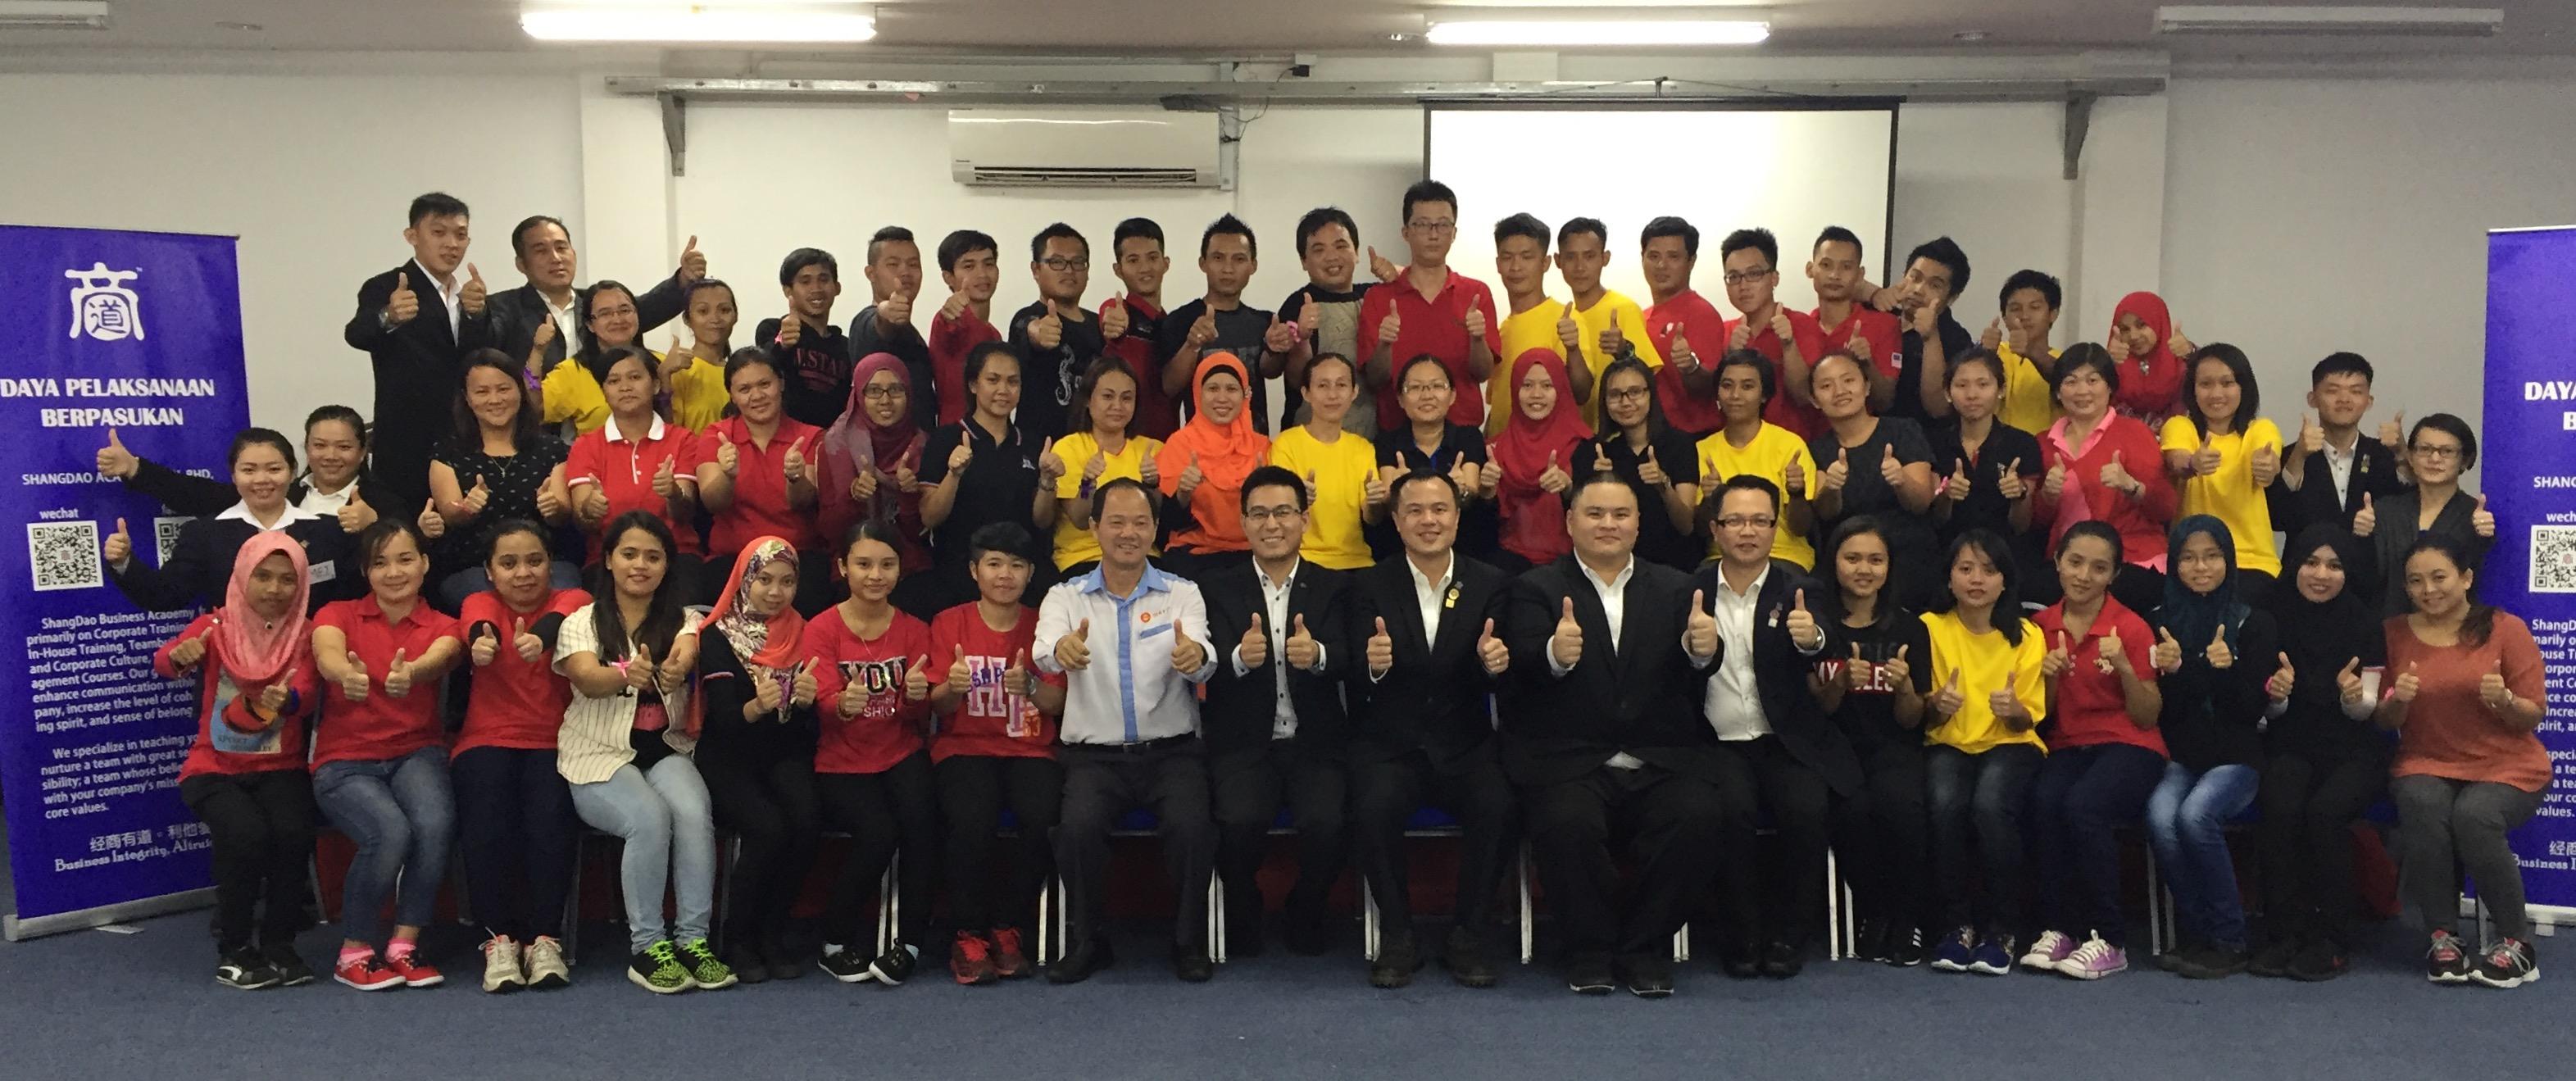 马来语的《团队执行力》